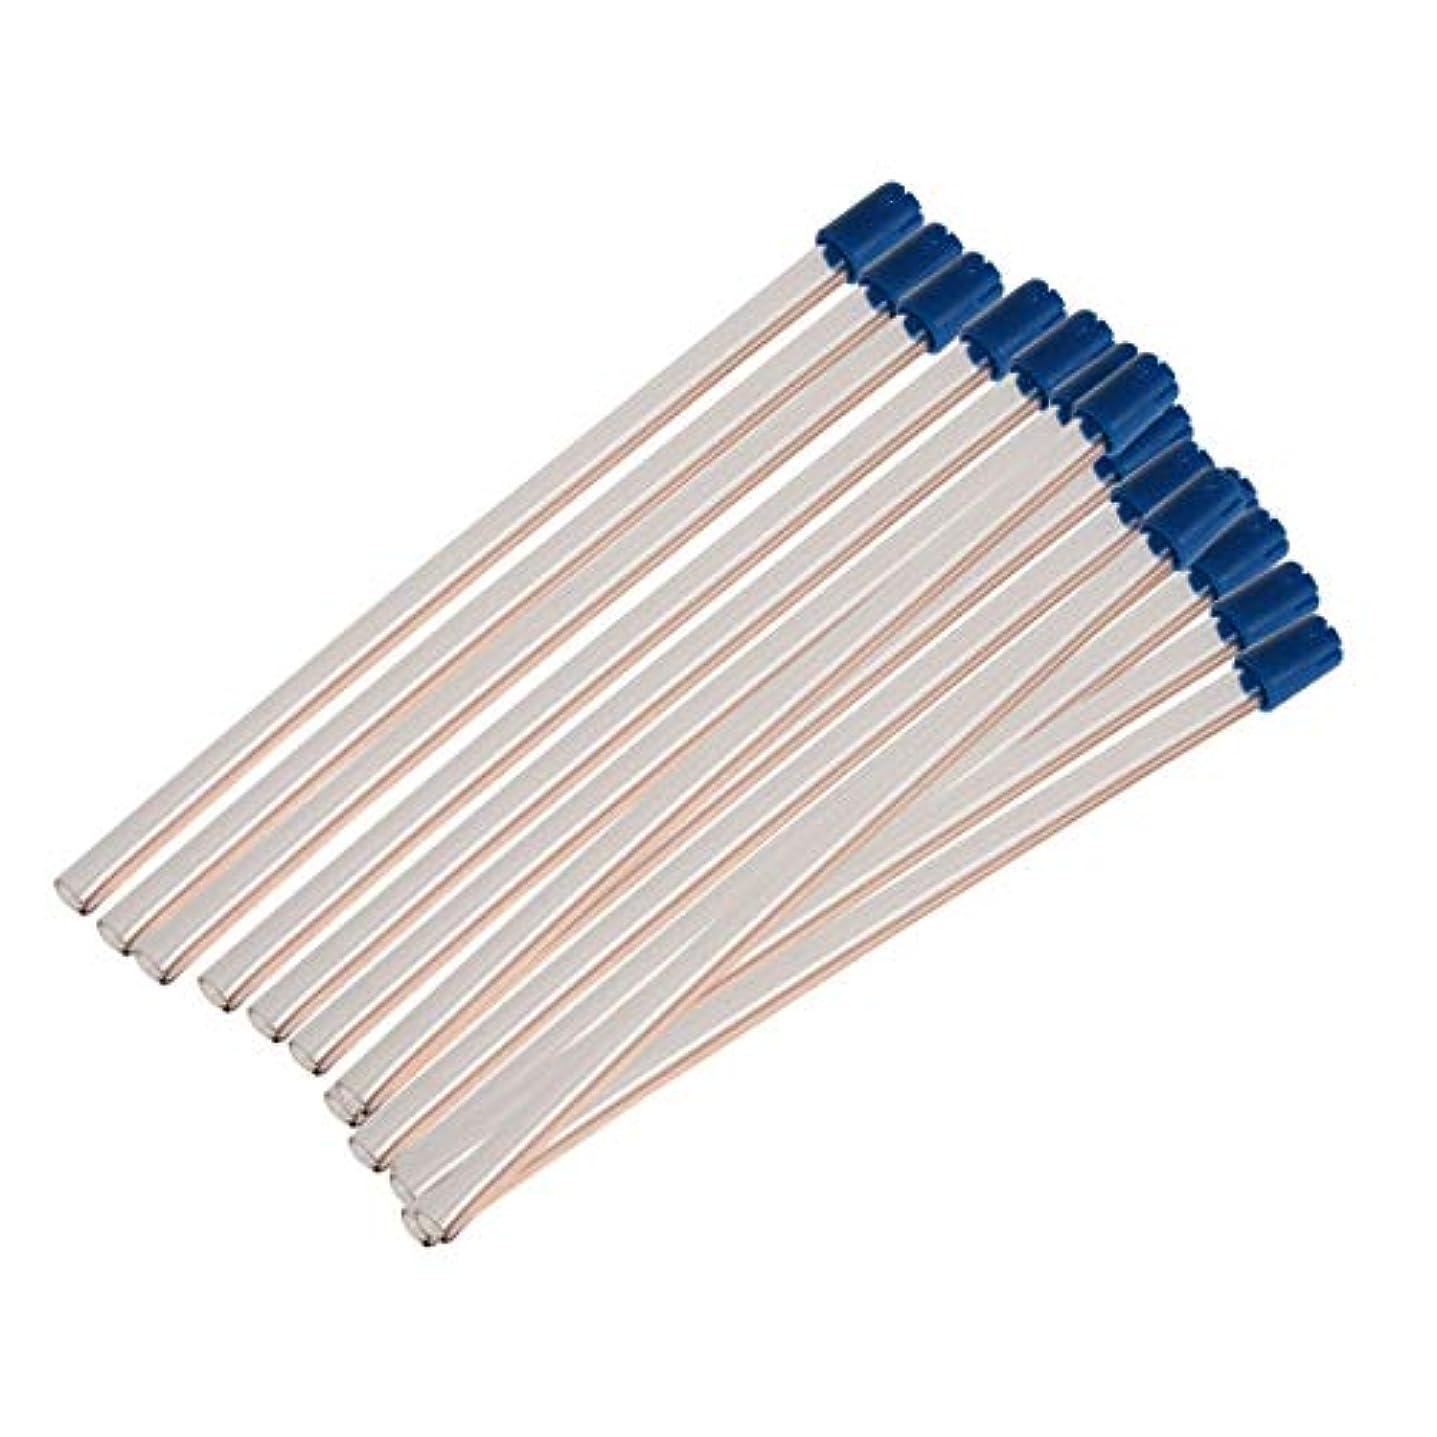 Healifty 100個 吸引カテーテル 使い捨て歯科手術用吸引チューブ唾液エジェクタチューブ用品